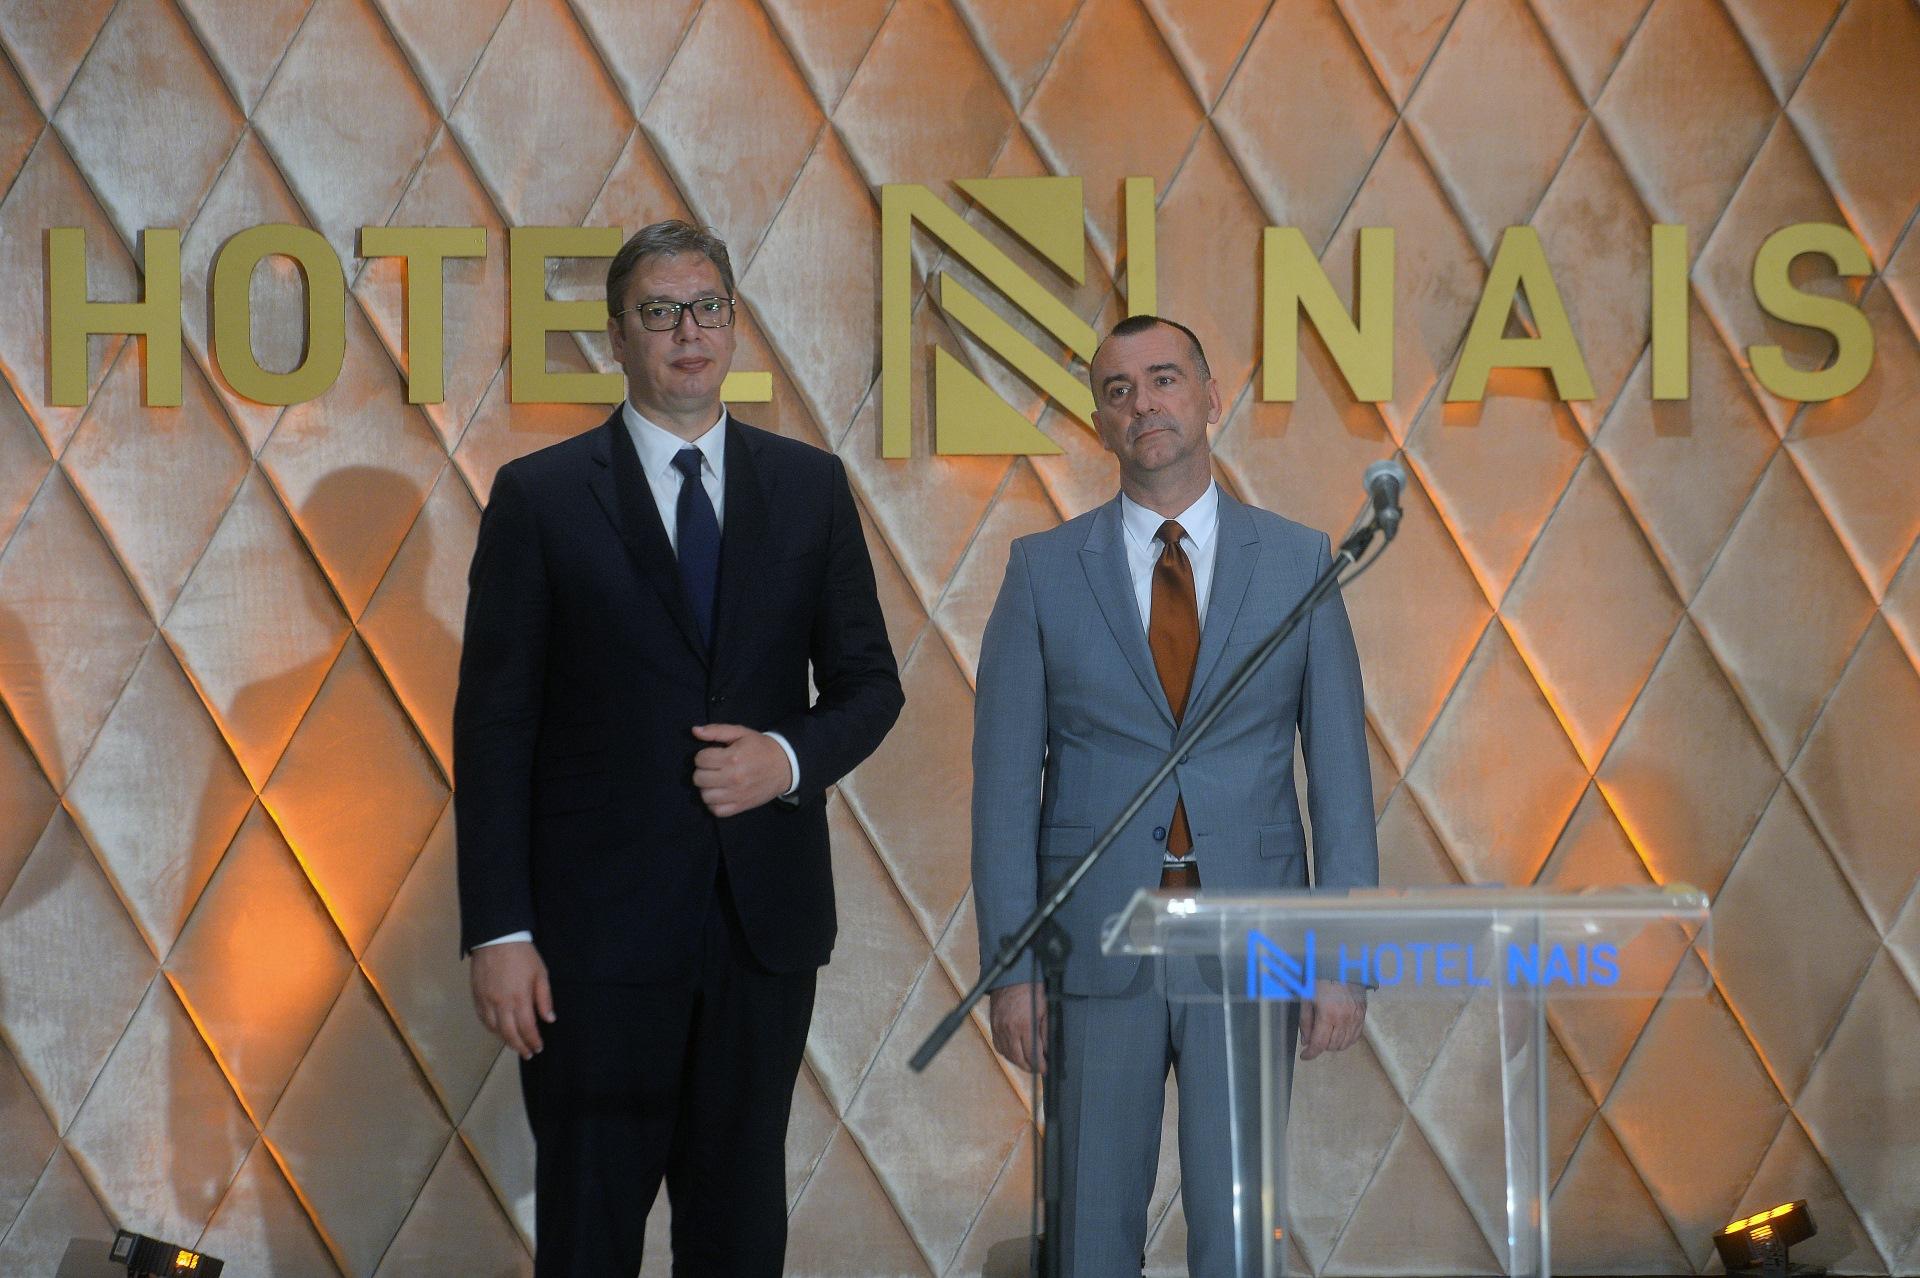 Председник Србије Александар Вучић на отварању реновираног хоела Наис крај Ниша.